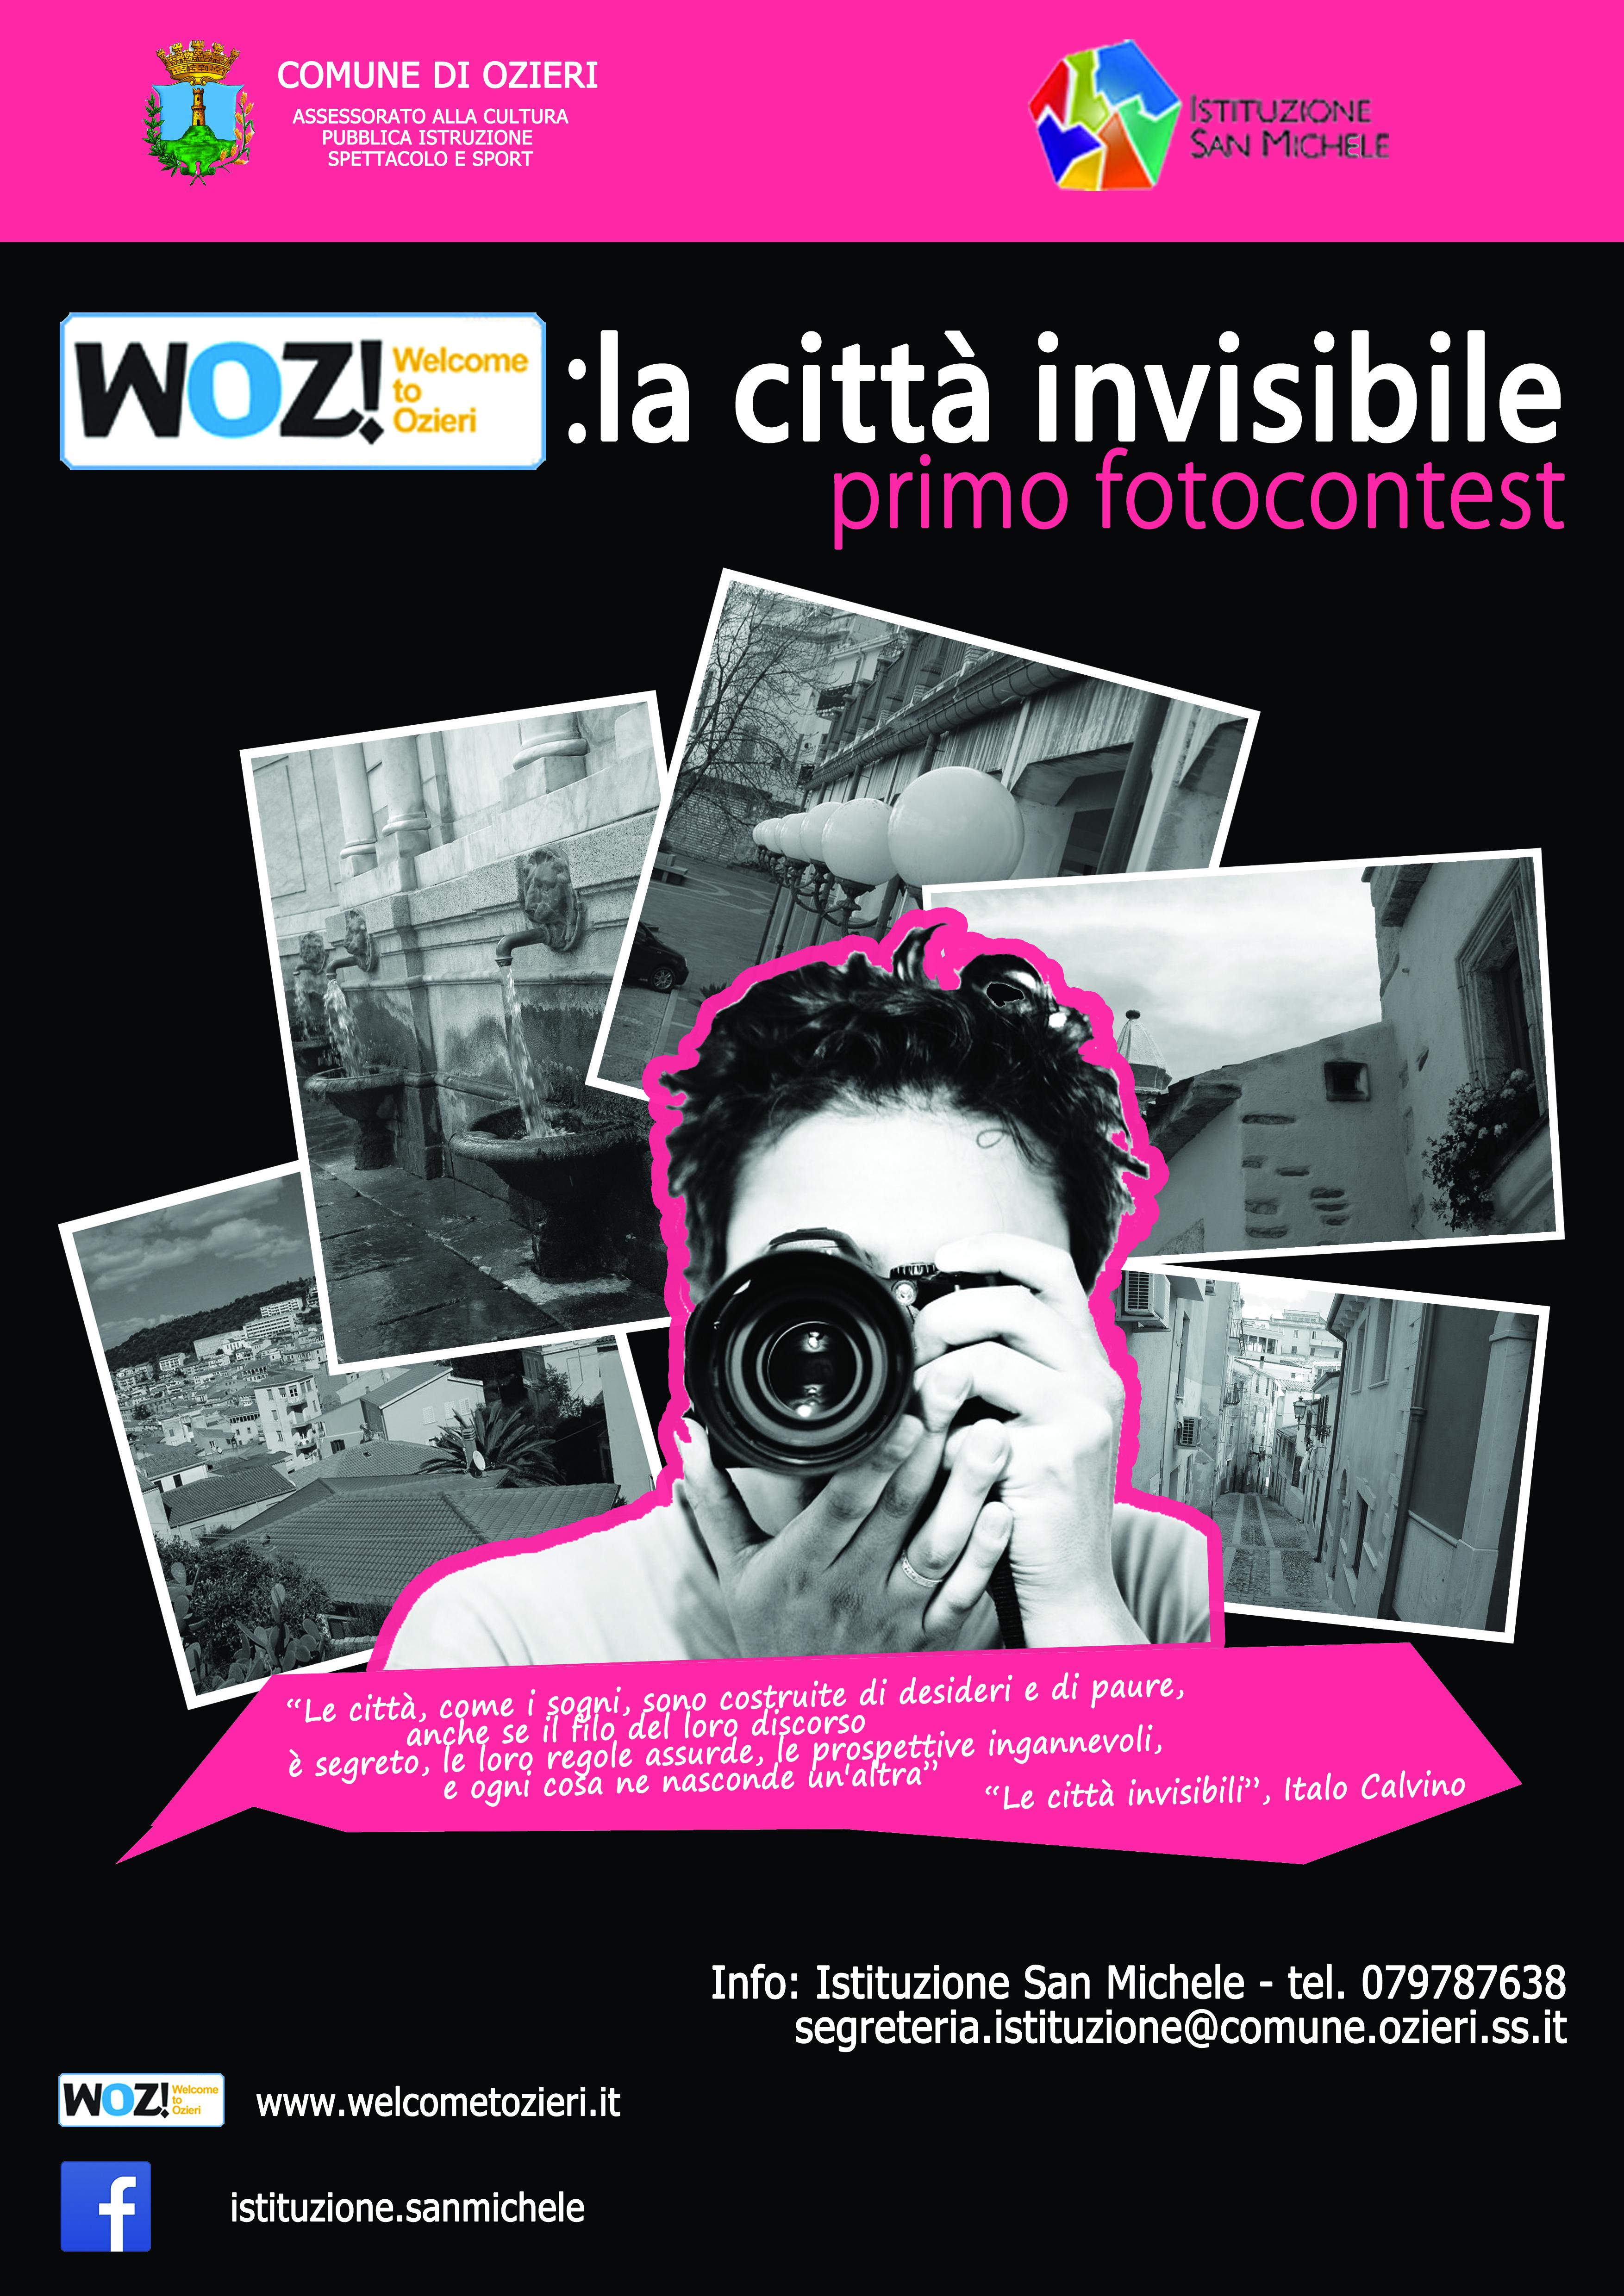 """L'Istituzione """"San Michele"""" indice il 1° Fotocontest """"WOZ! : la Città invisibile"""""""